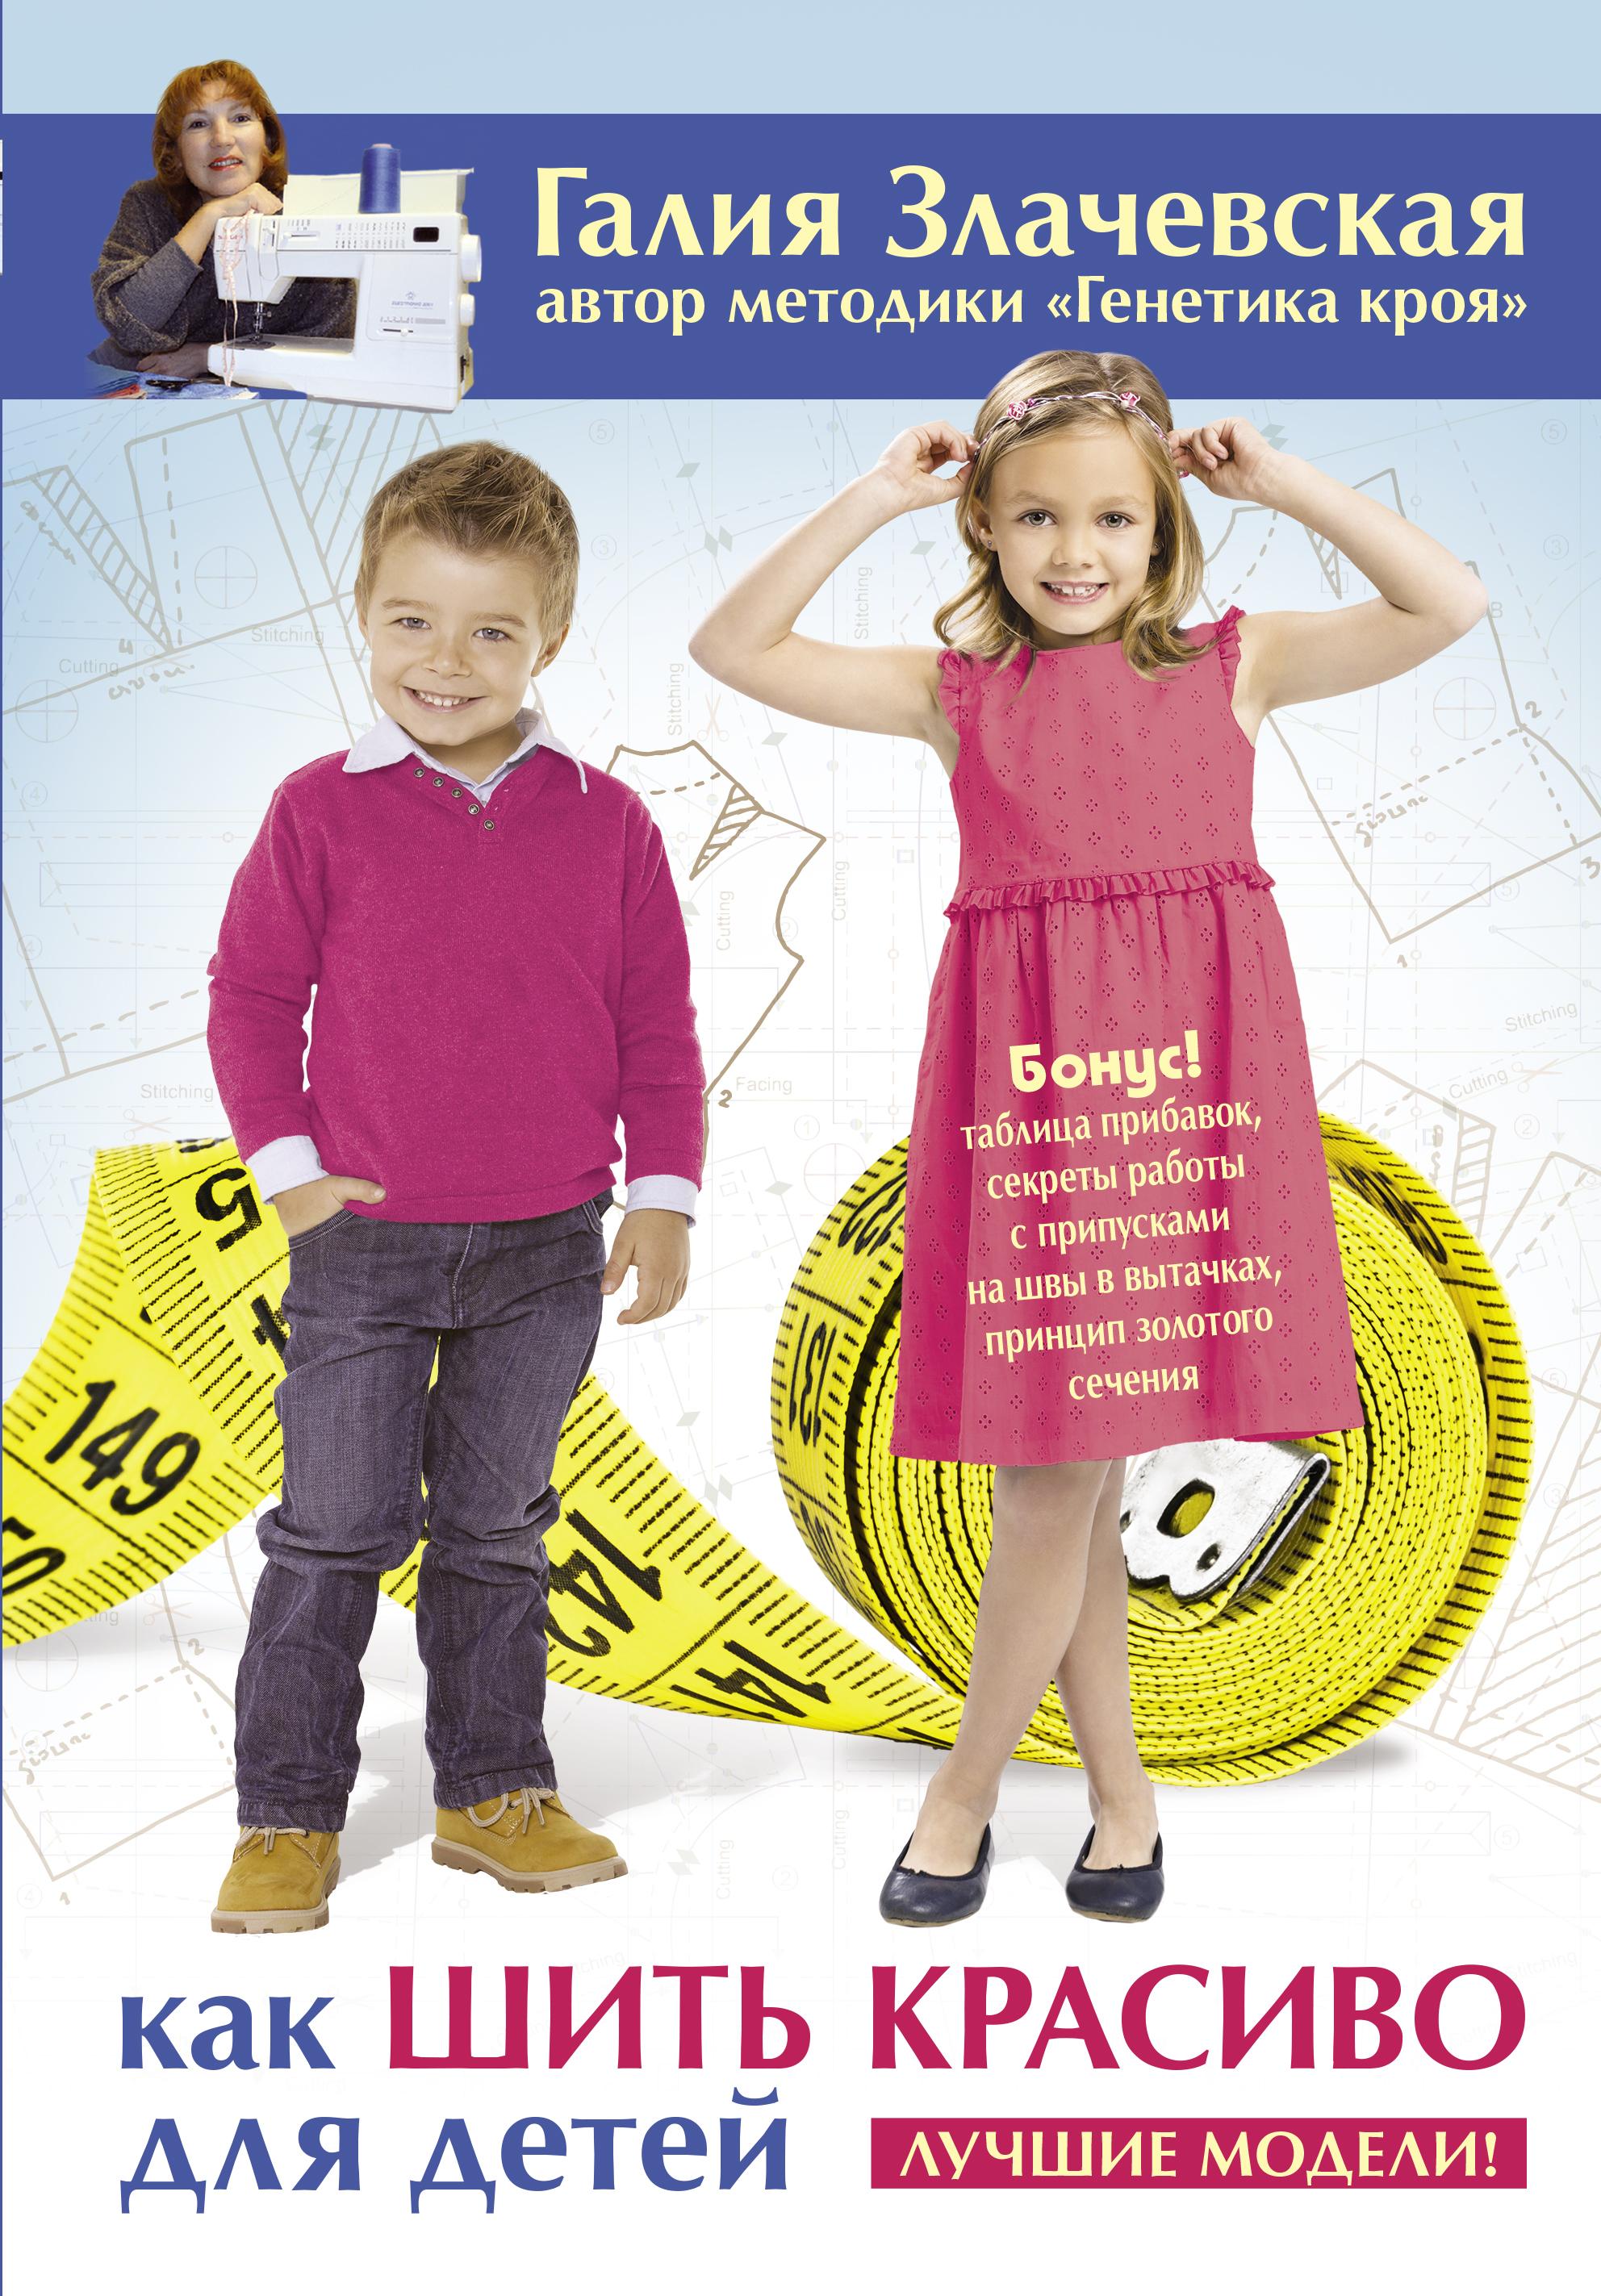 Как шить красиво для детей. Лучшие модели!